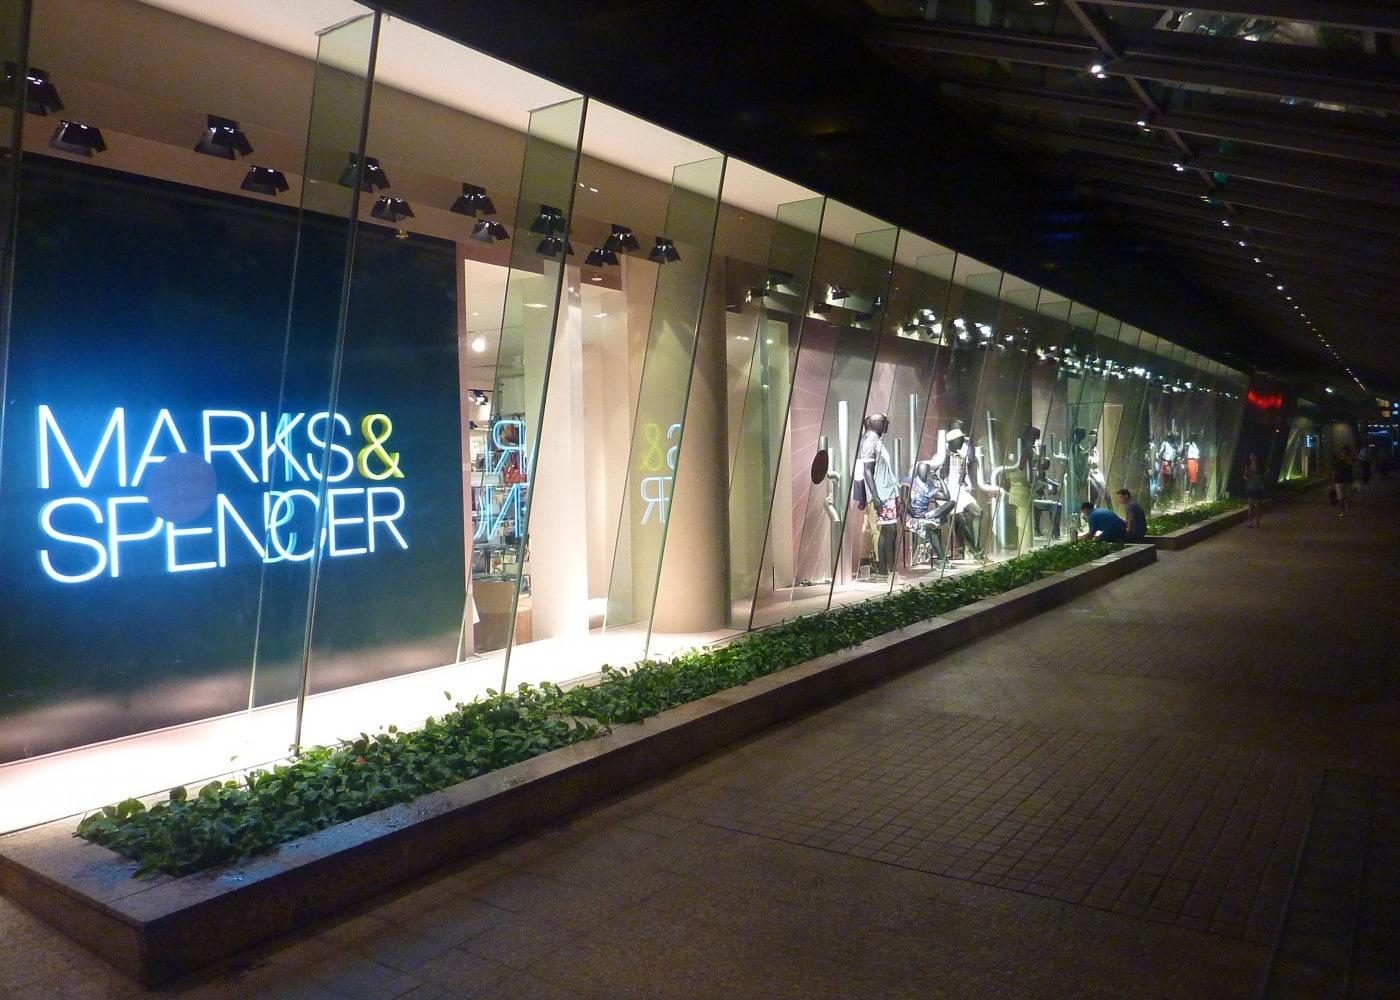 retail lighting design: M&S store exterior